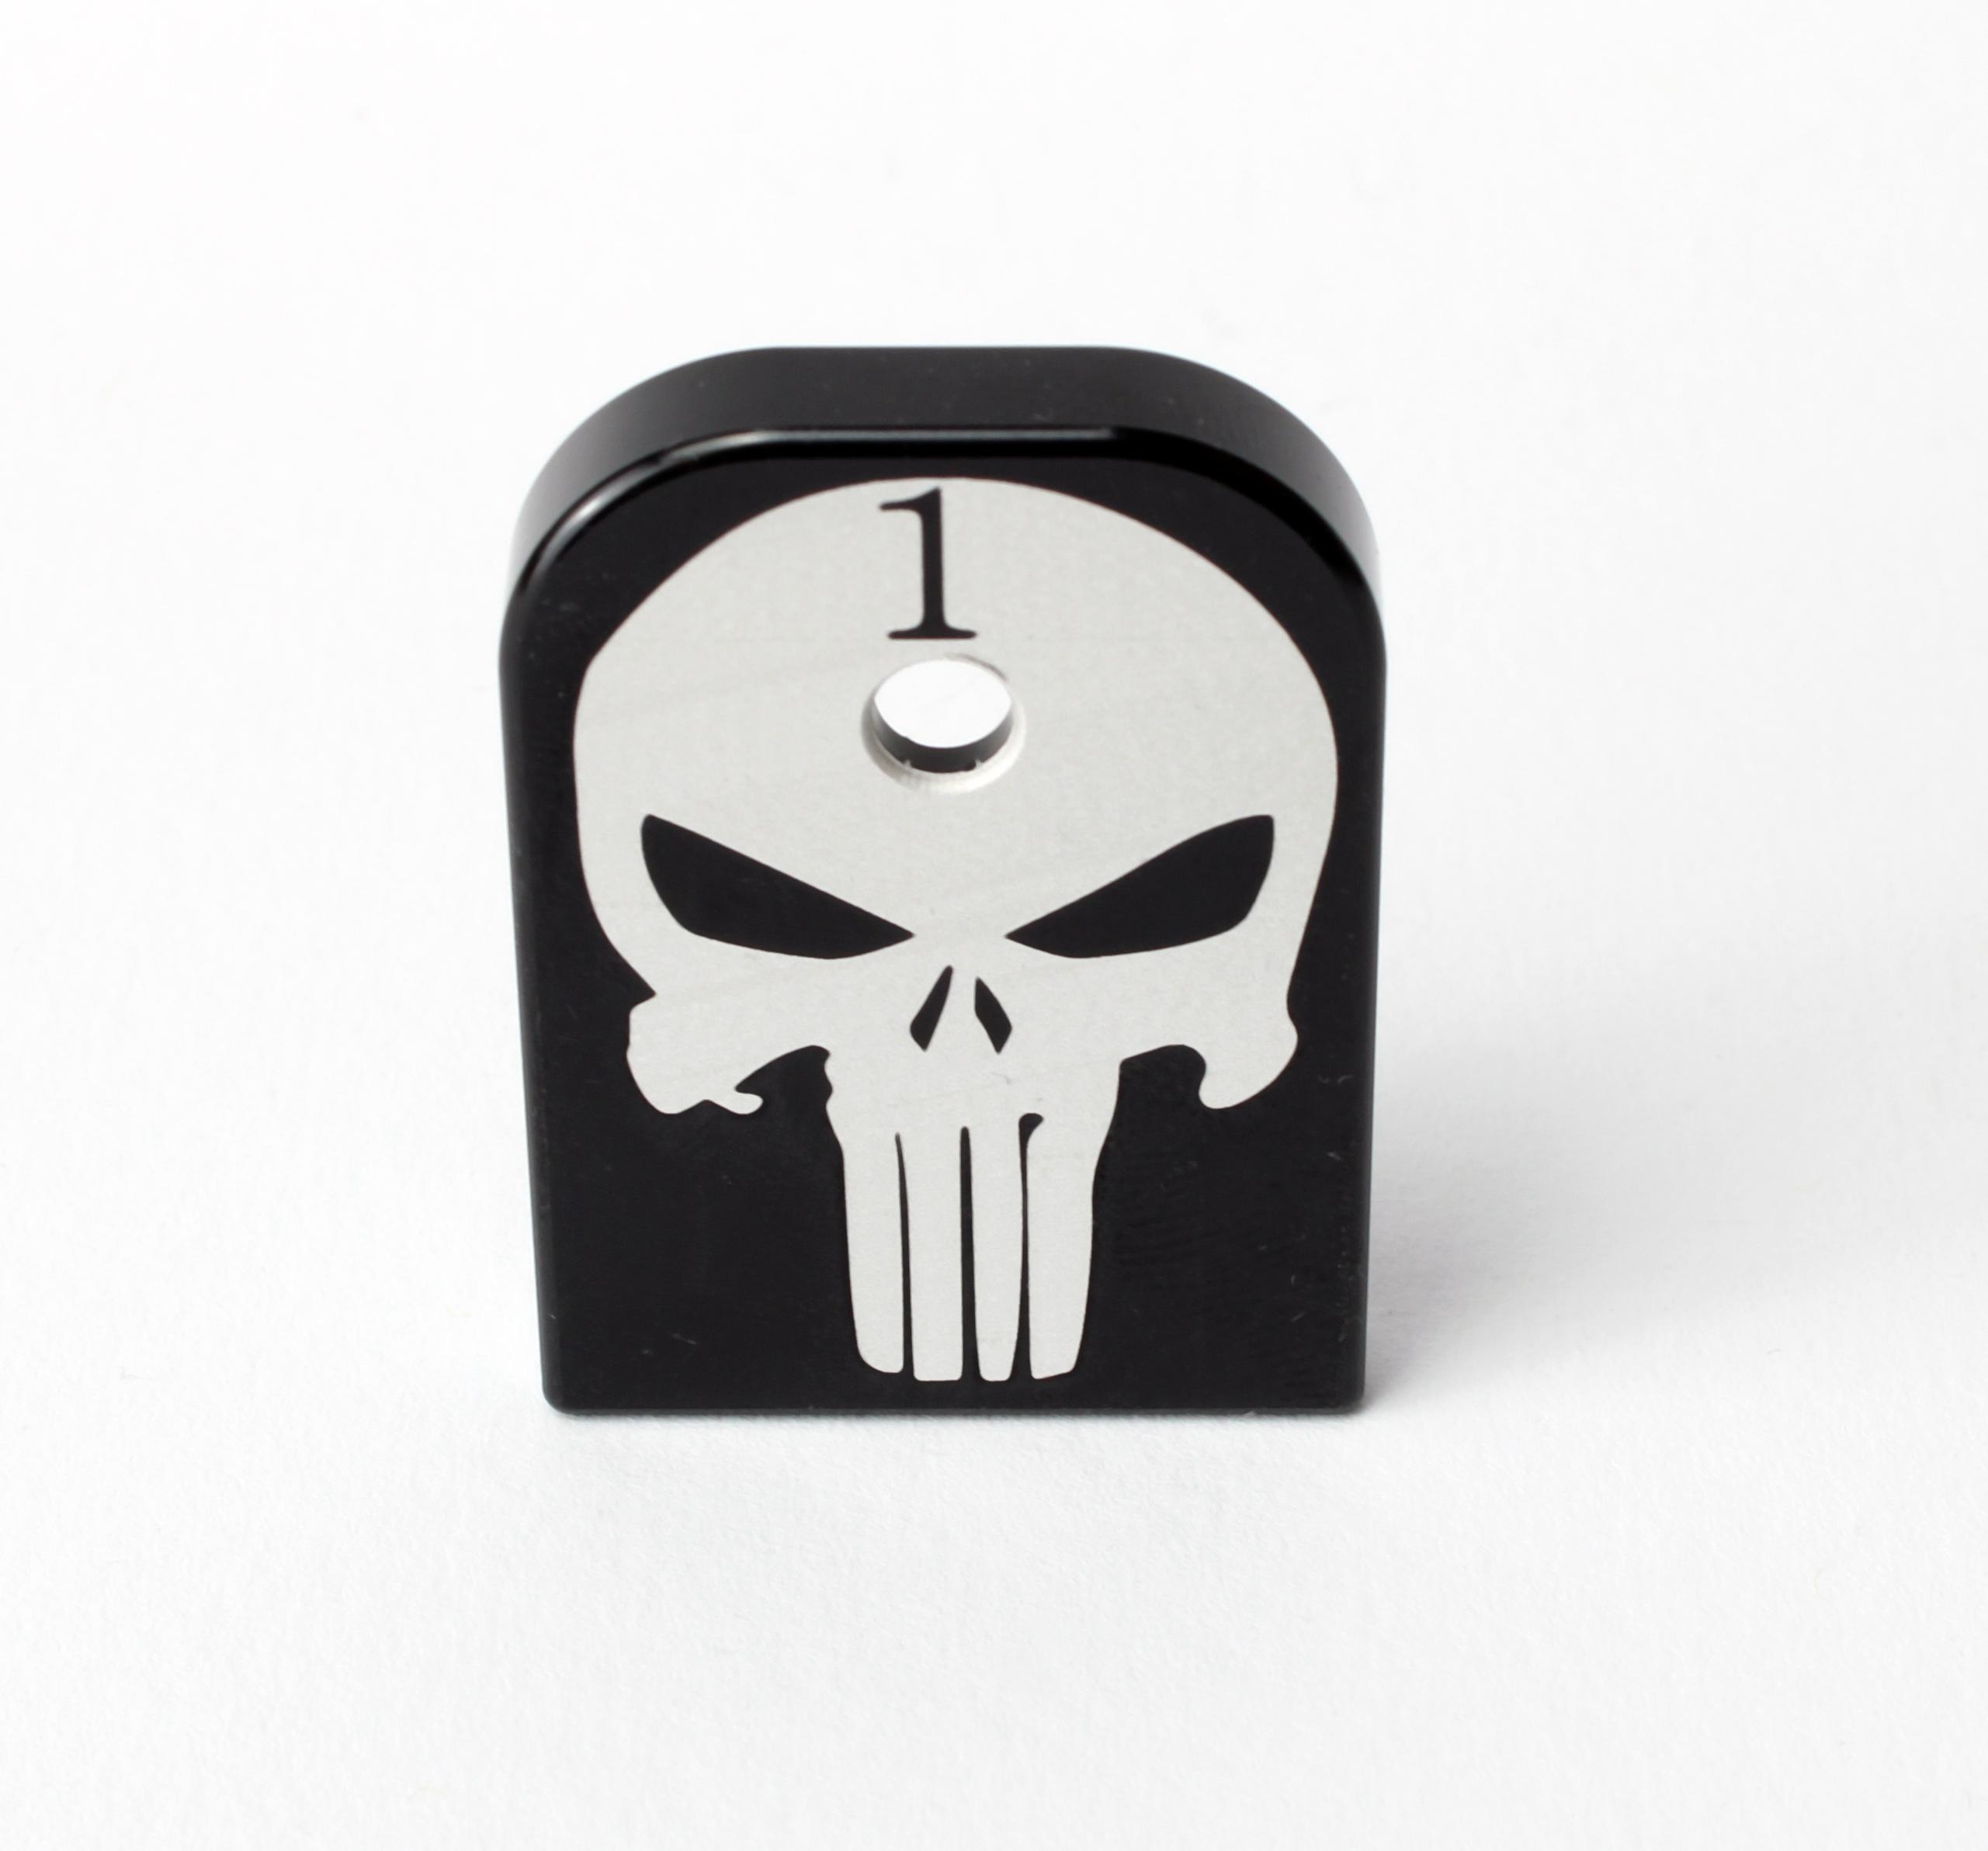 Mag Base Plate für Glock Magazine Punisher mit Nummerierung